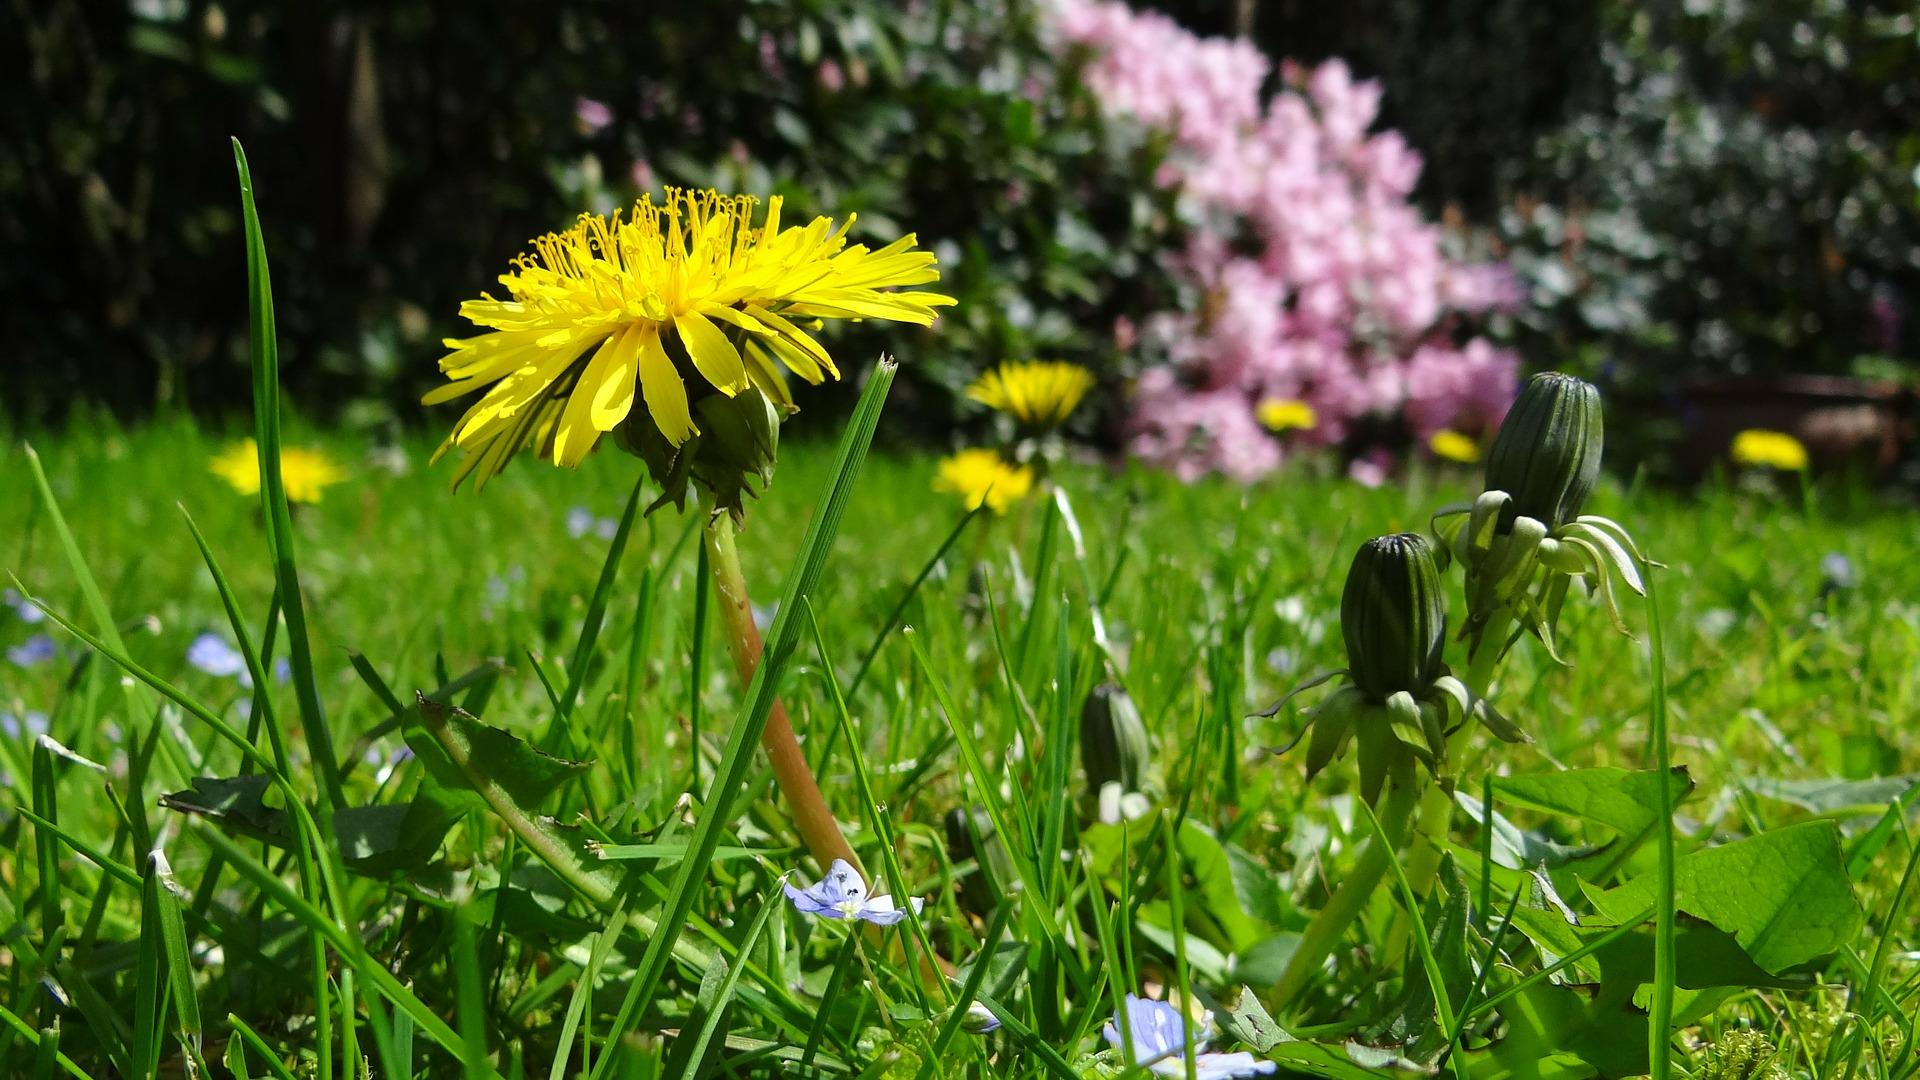 meadow-43467_1920-1501107098338.jpg